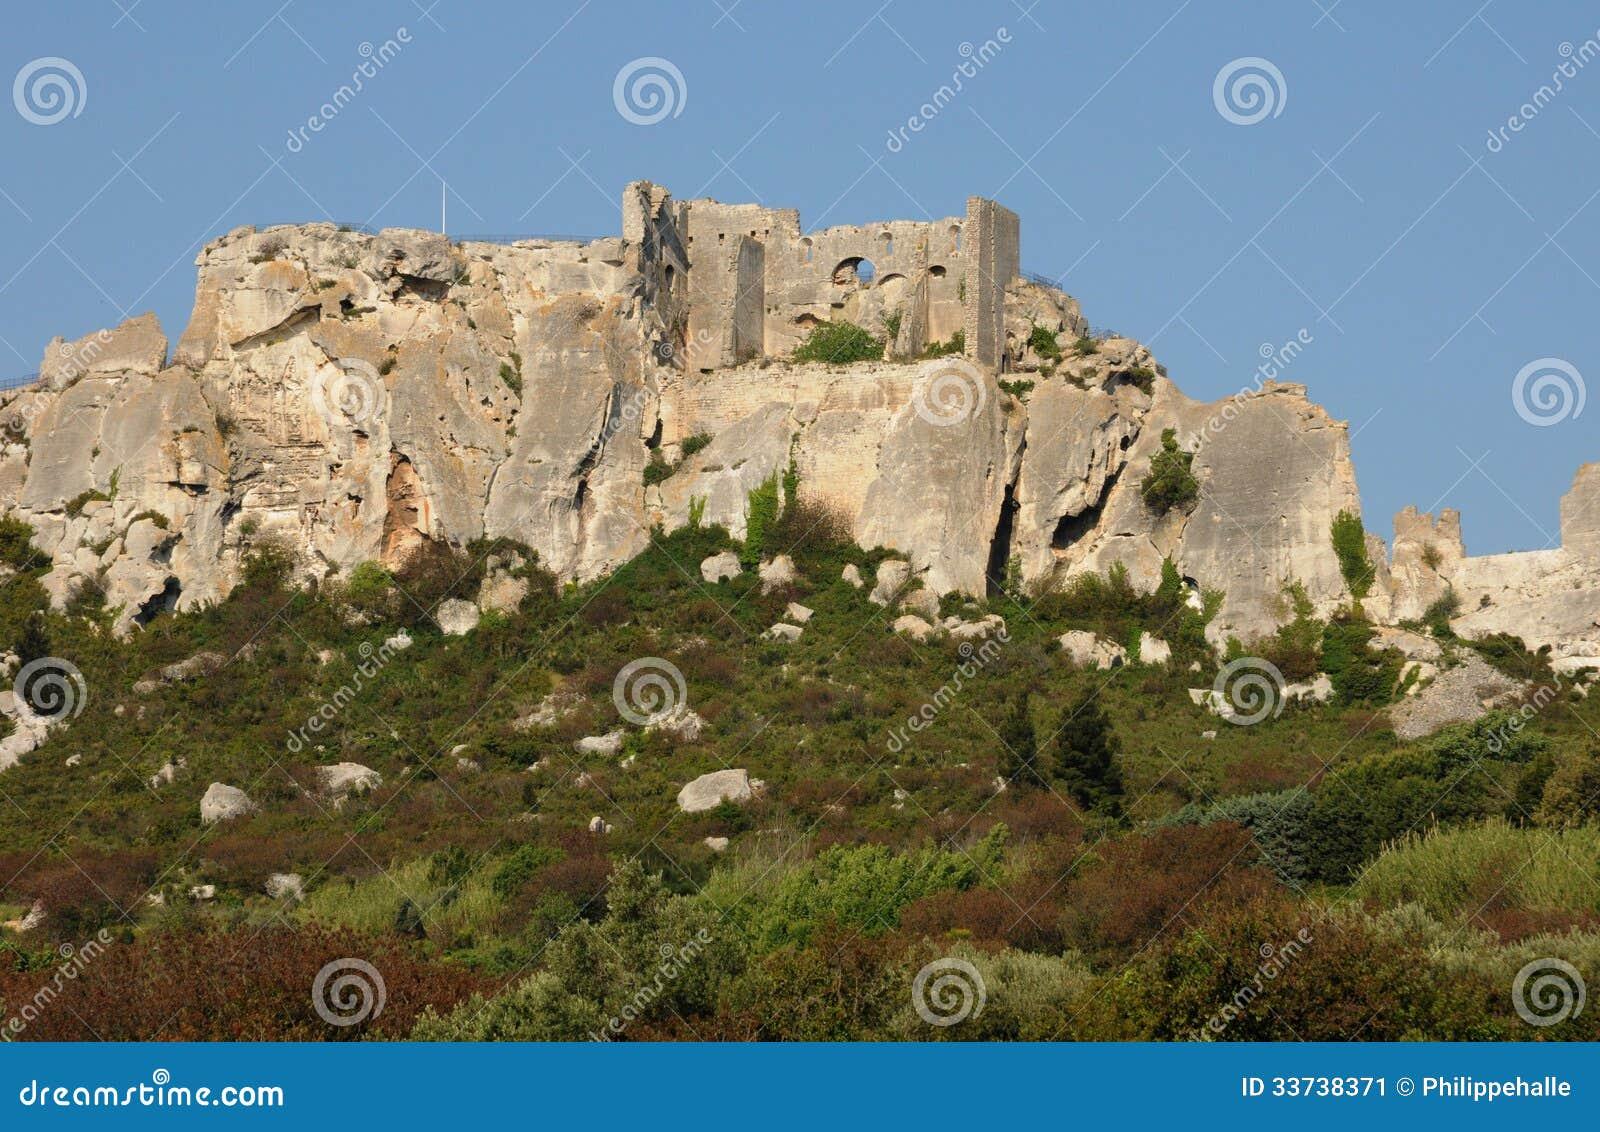 Typical landscapes of Les-Baux-de-Provence